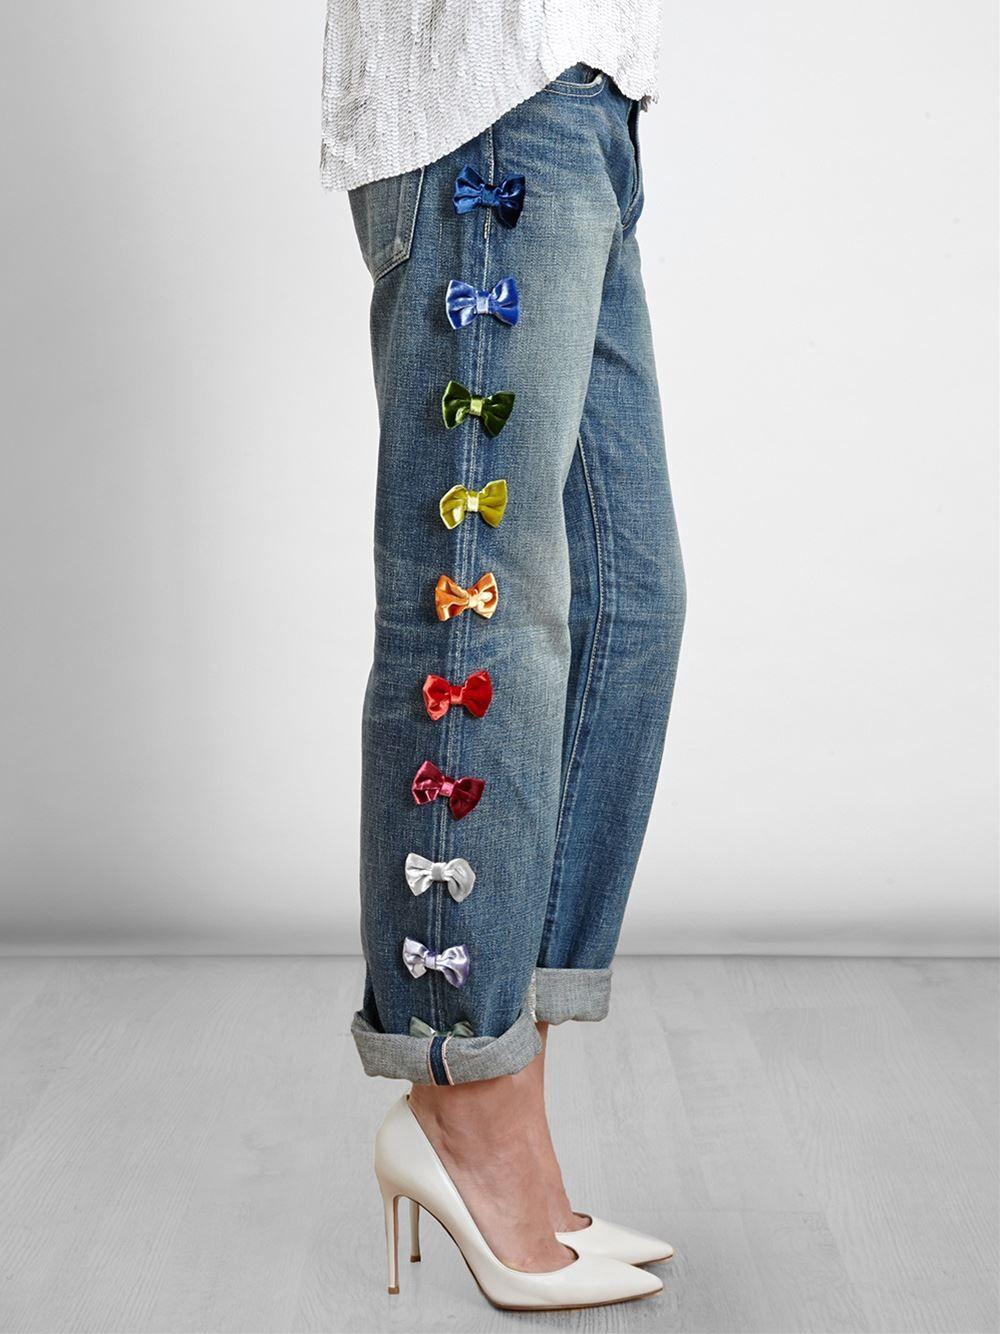 2f9ab2453cc Как украсить джинсы (122 фото)  кружевом